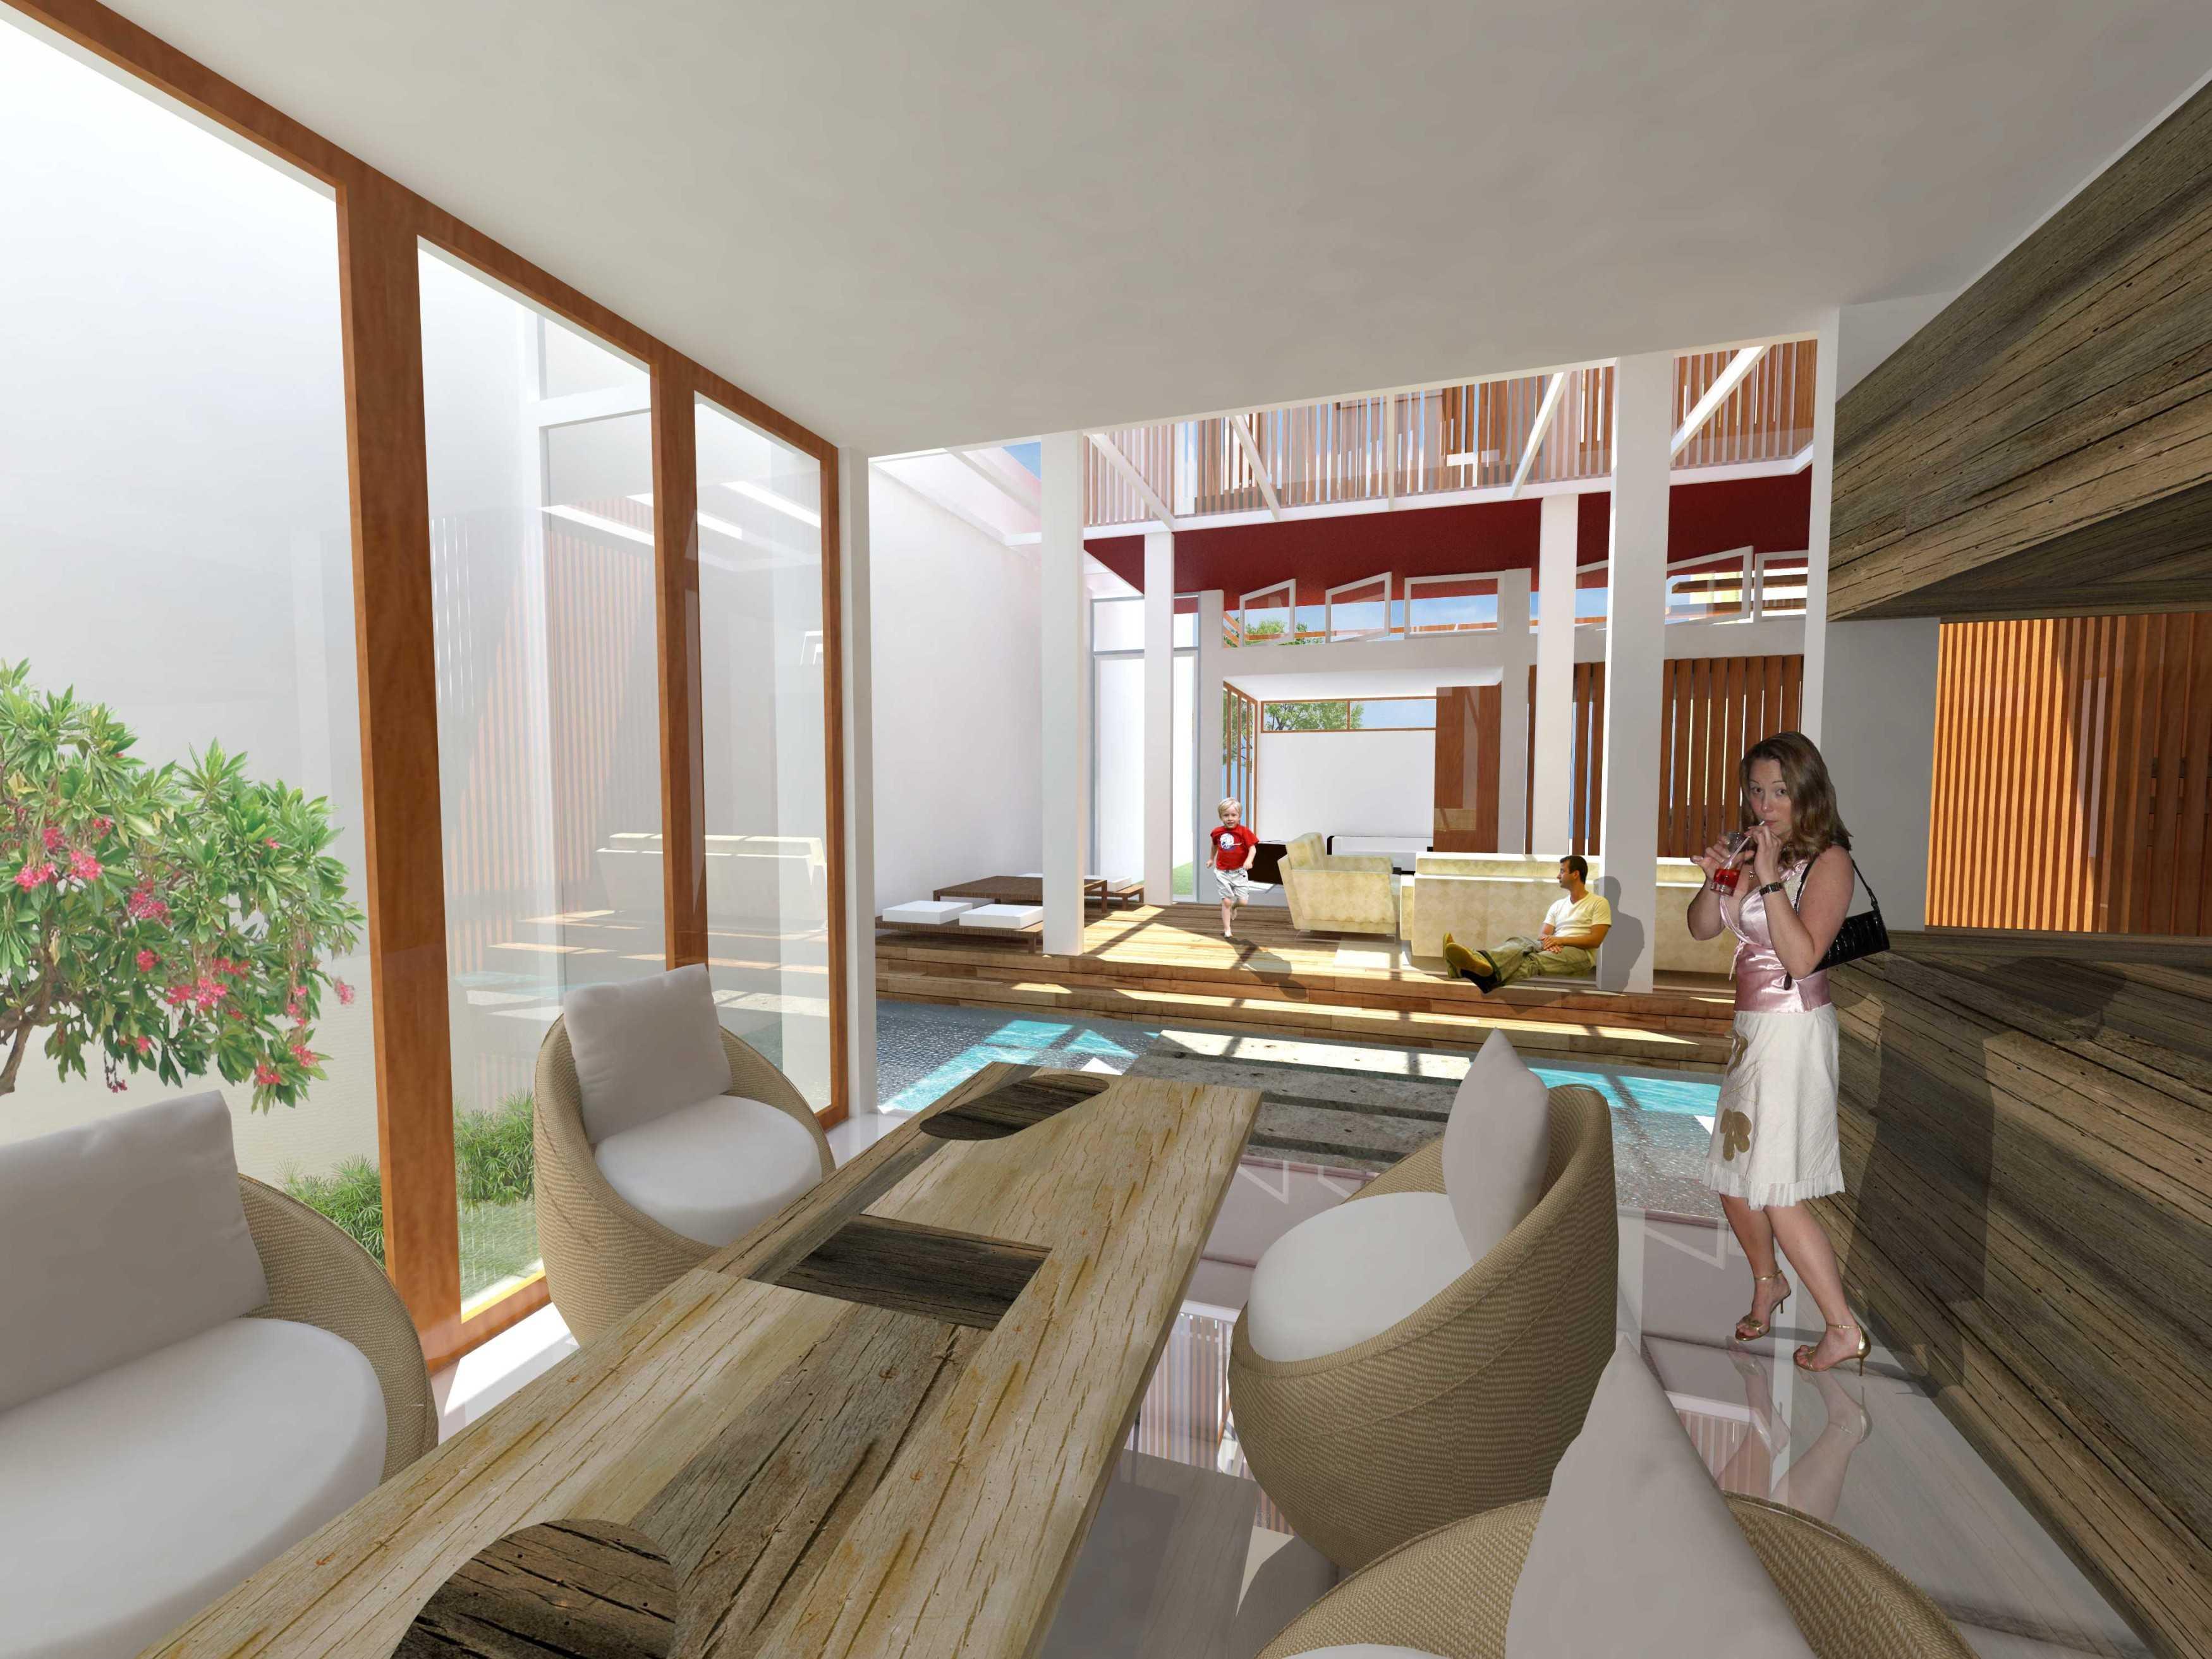 Hizkia Firsto Giovanni Inside Out Denpasar Denpasar Interior-Edit Tropis,minimalis,modern,wood Elemen Outdoor Seperti Pond Dan Taman Masuk Ke Dalam Rumah. 21441